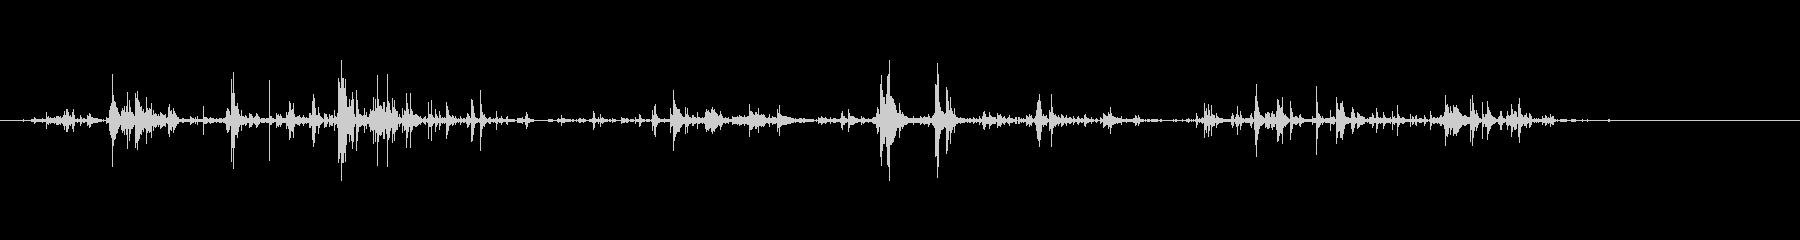 キーホルダーの音7モノラル リバーブの未再生の波形